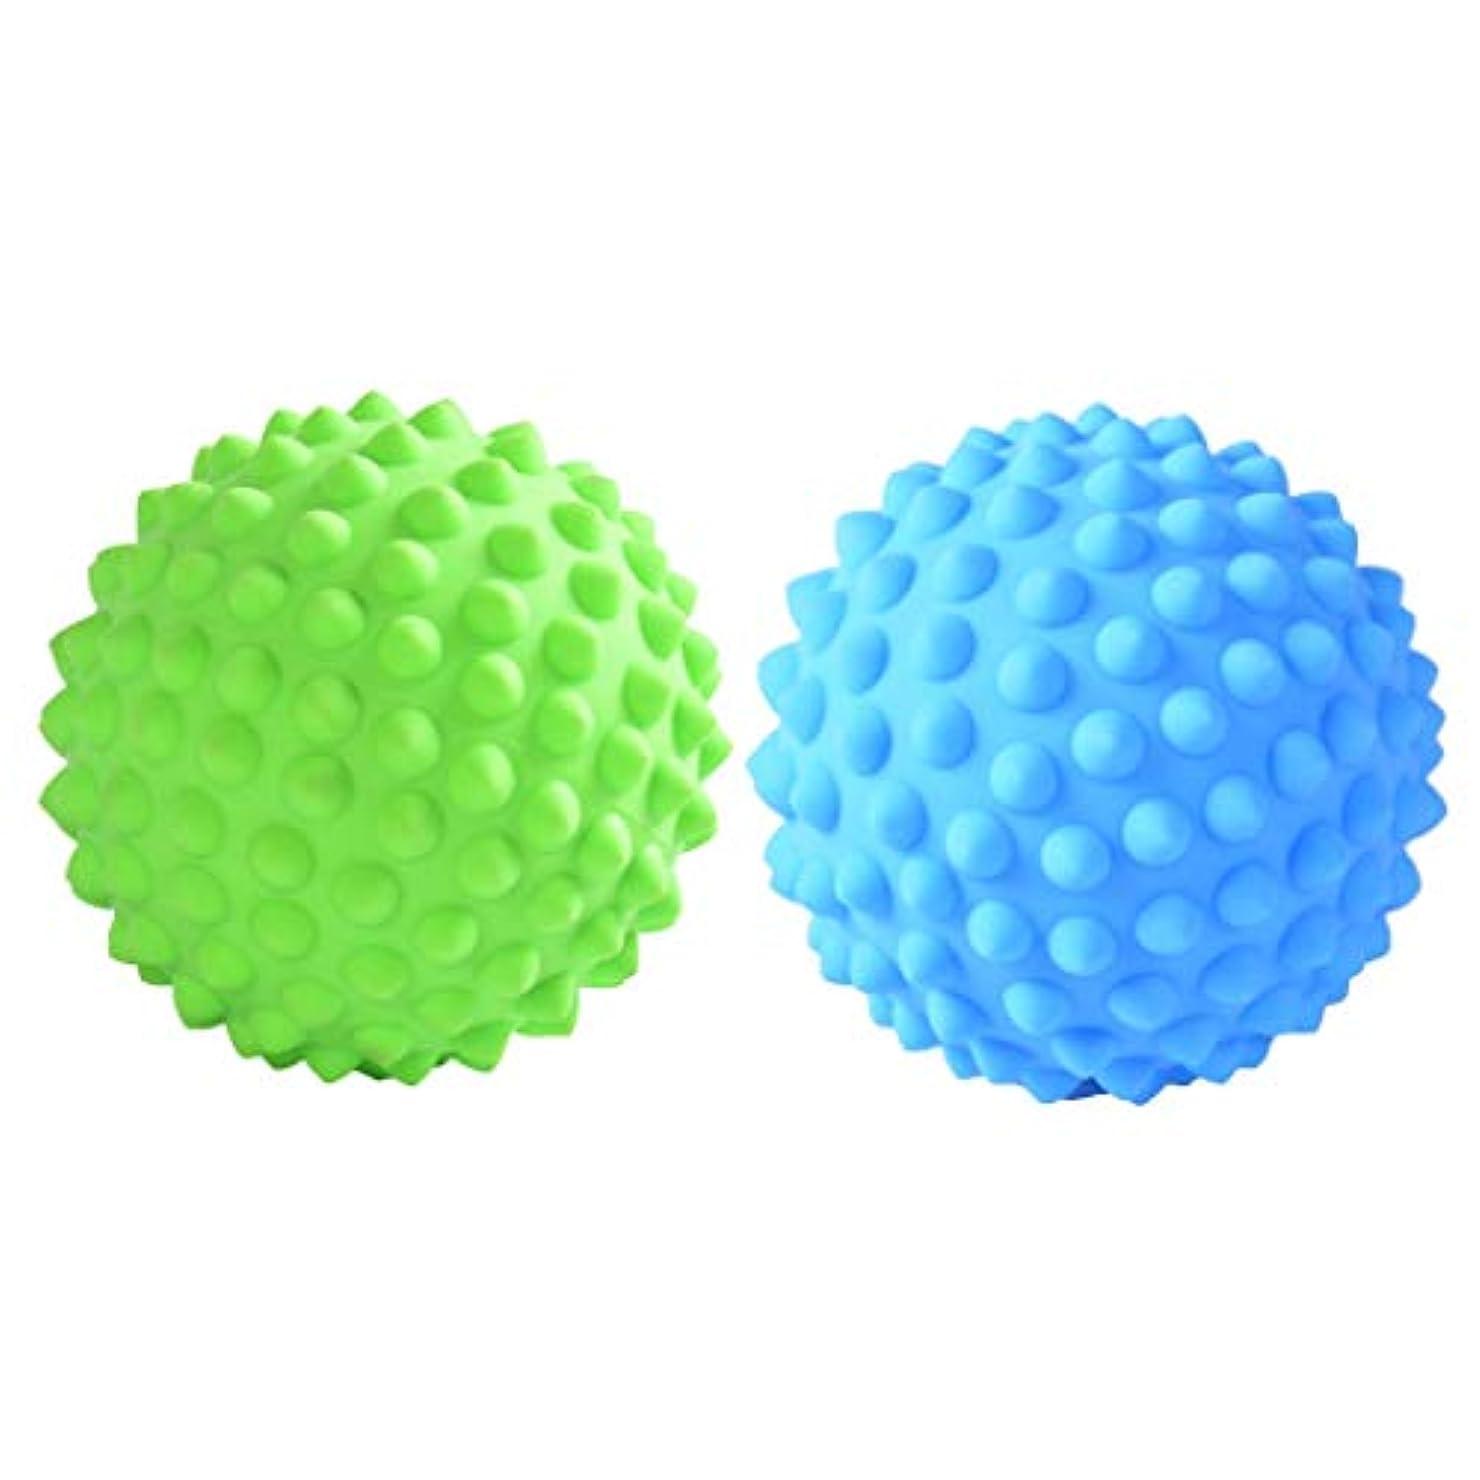 議会トレード尊厳CUTICATE マッサージローラーボール 指圧ボール PVC トリガーポイント 筋膜 疲労軽減 健康的 2個入